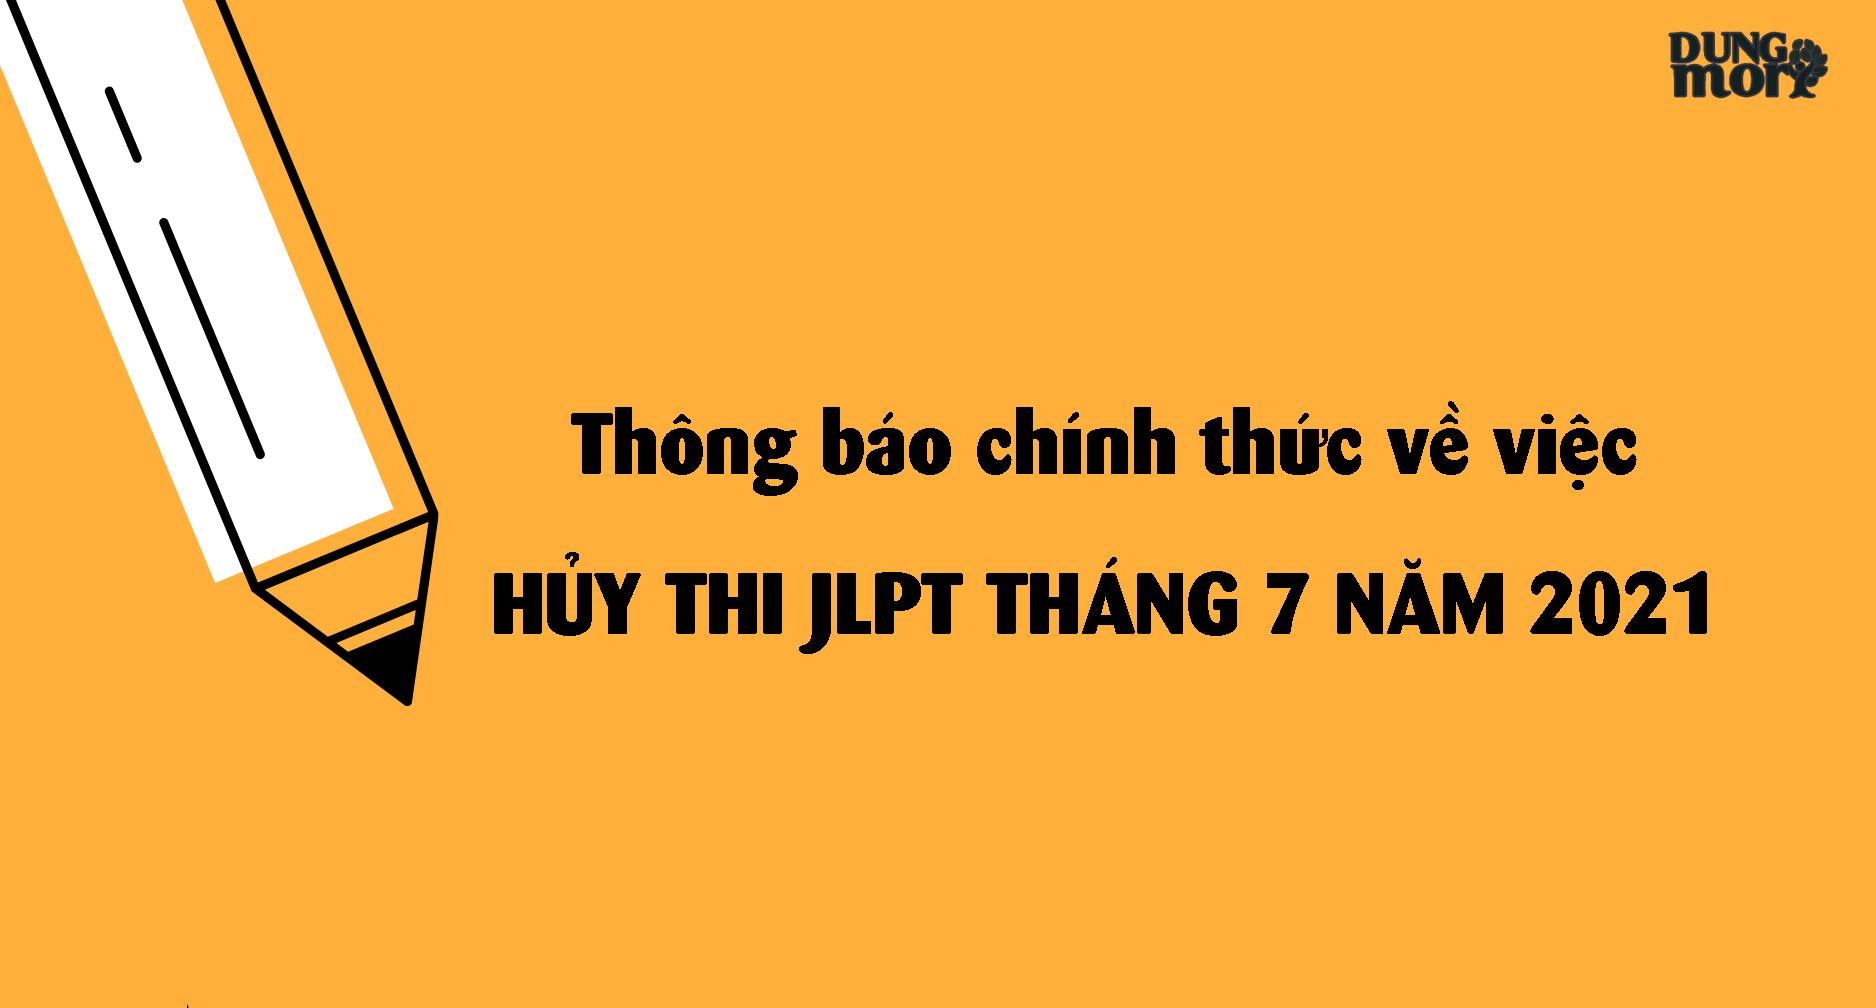 """Thông báo chính thức về """"HỦY THI JLPT THÁNG 7/2021"""" tại Việt Nam"""